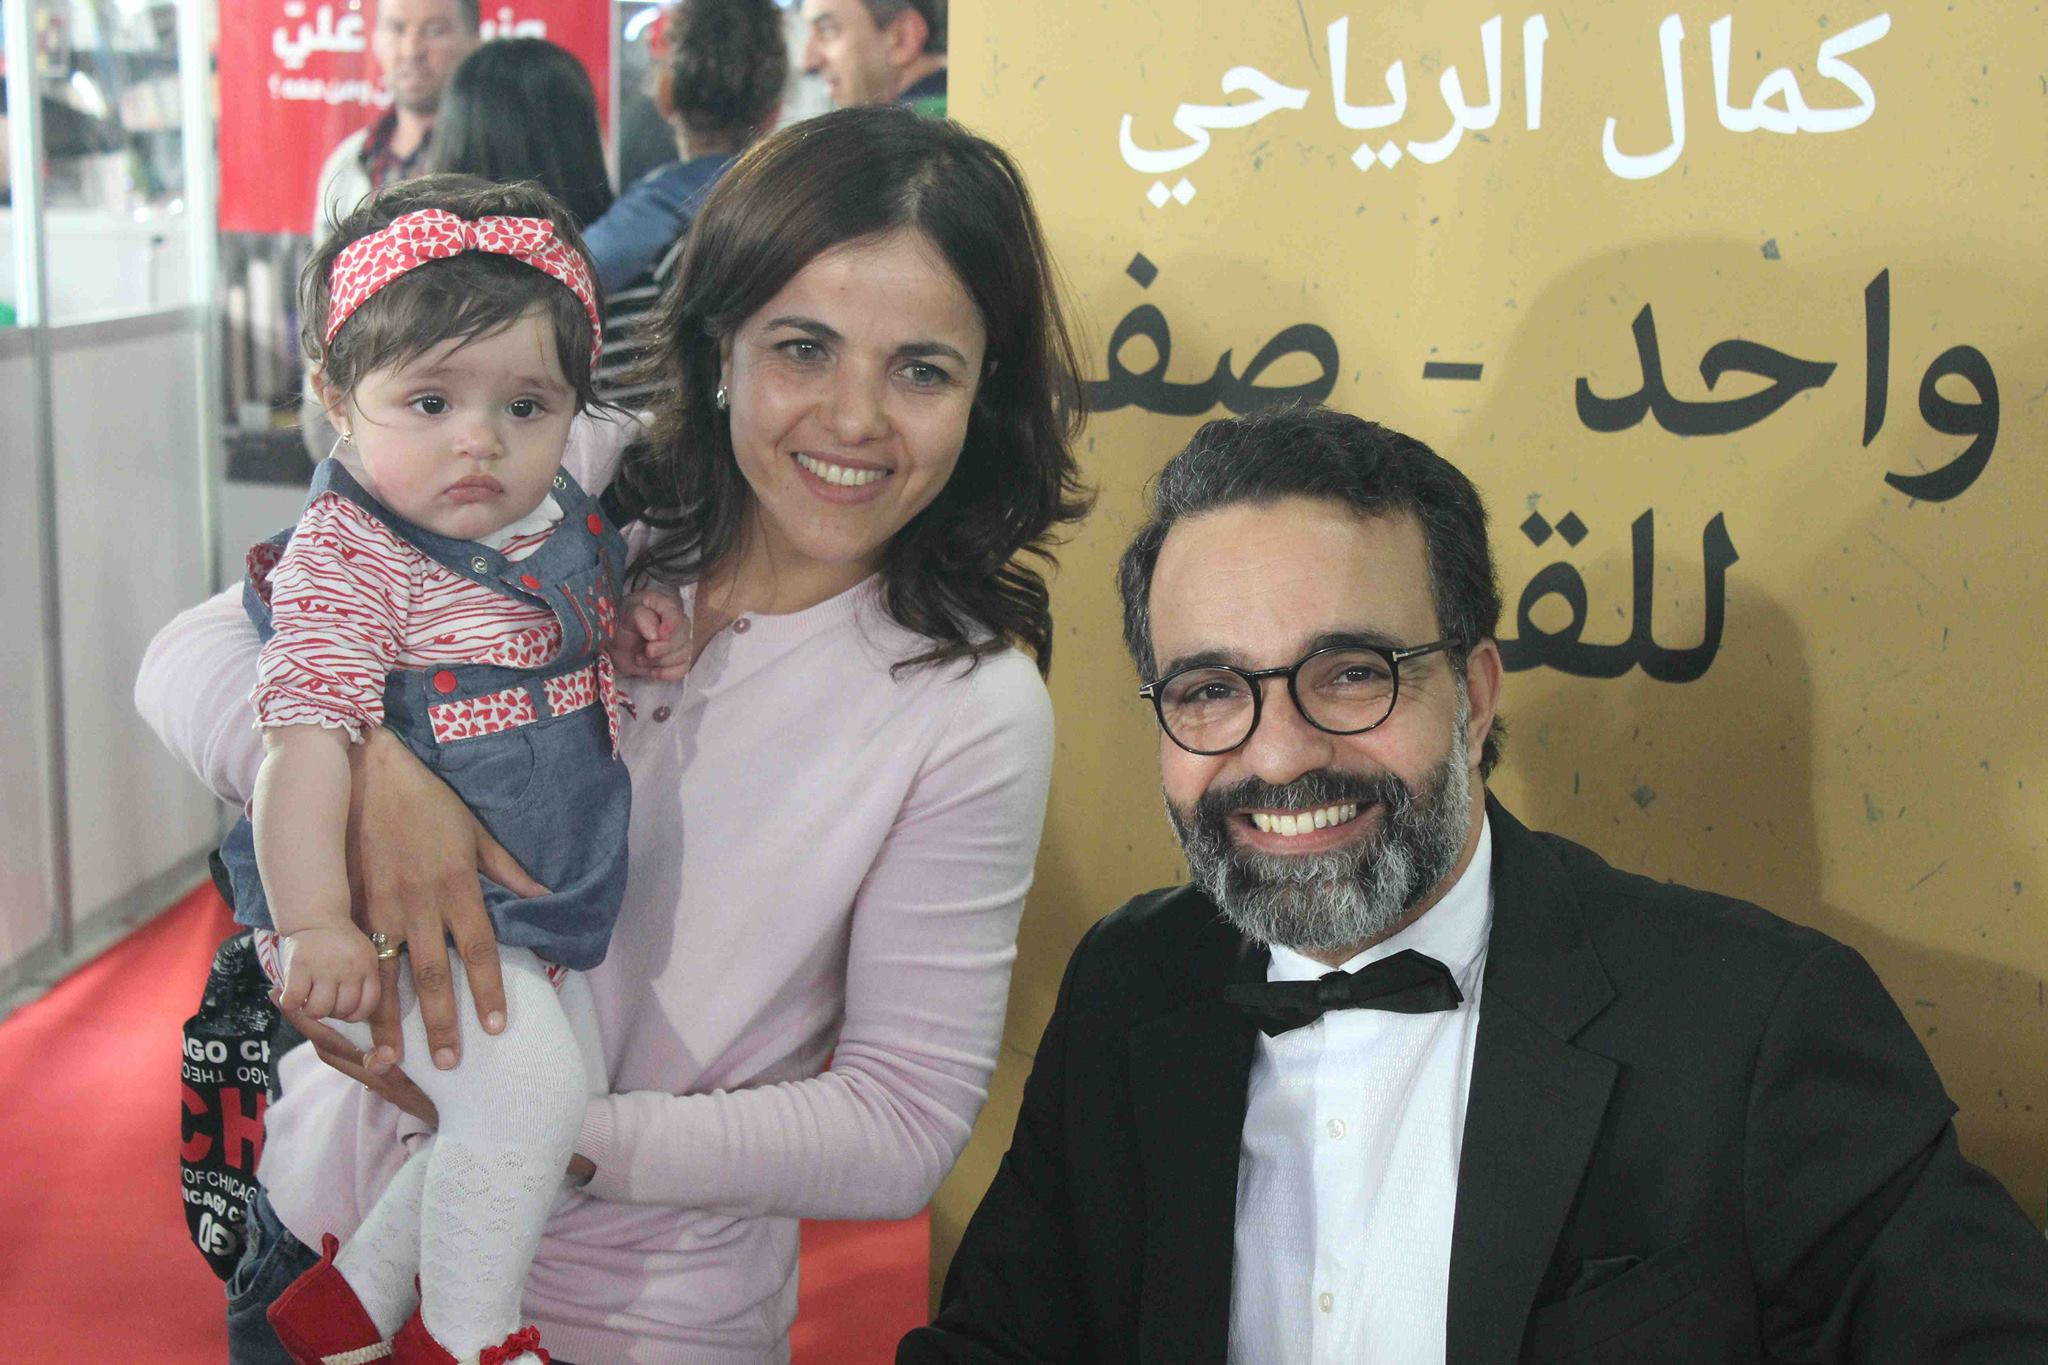 كمال الرياحى يوقع كتابه واحد صفر للقتيل الفائز بجائزة ابن بطوطة فى معرض تونس (24)